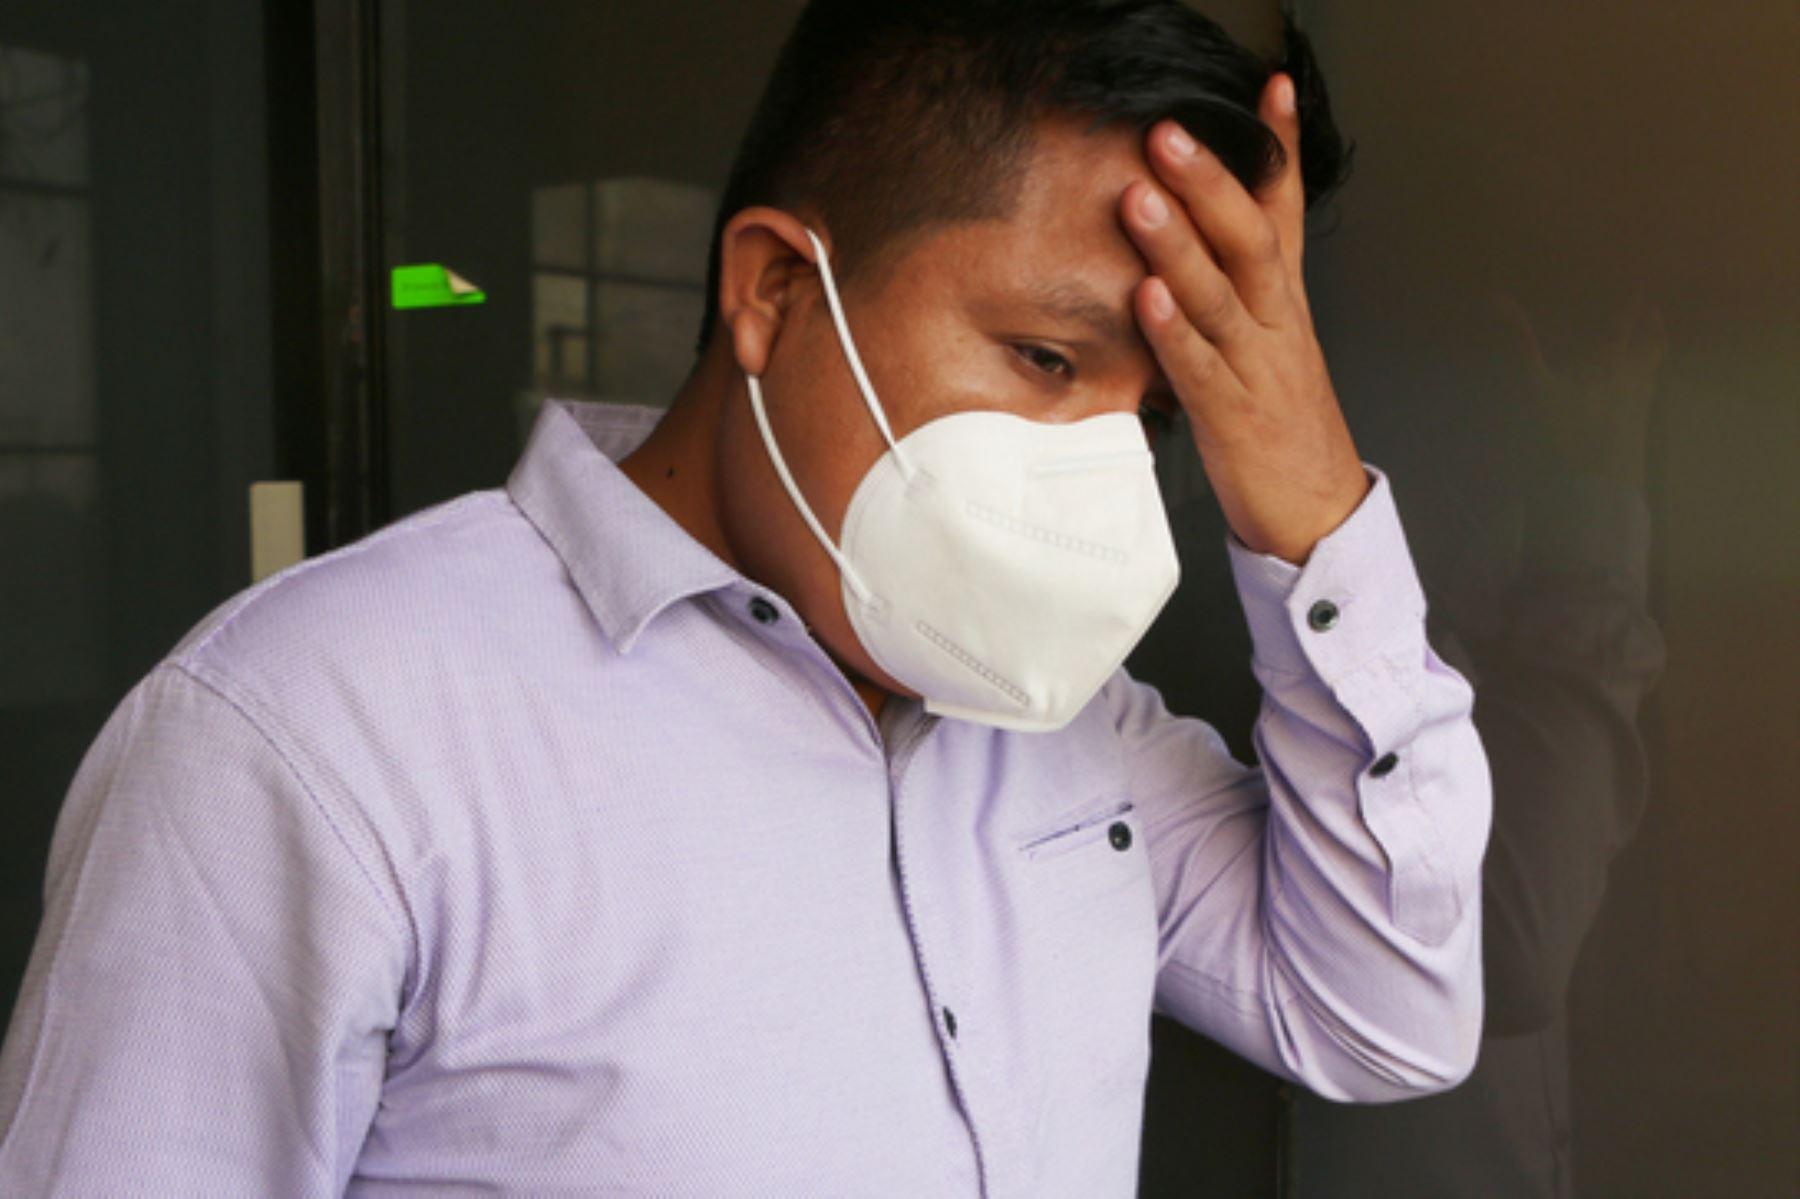 Especialistas del Hospital Víctor Larco Herrera (HVLH) del Ministerio de Salud (Minsa) señalan que el trastorno del sueño se presenta como síntoma del estrés postraumático. Foto: ANDINA.